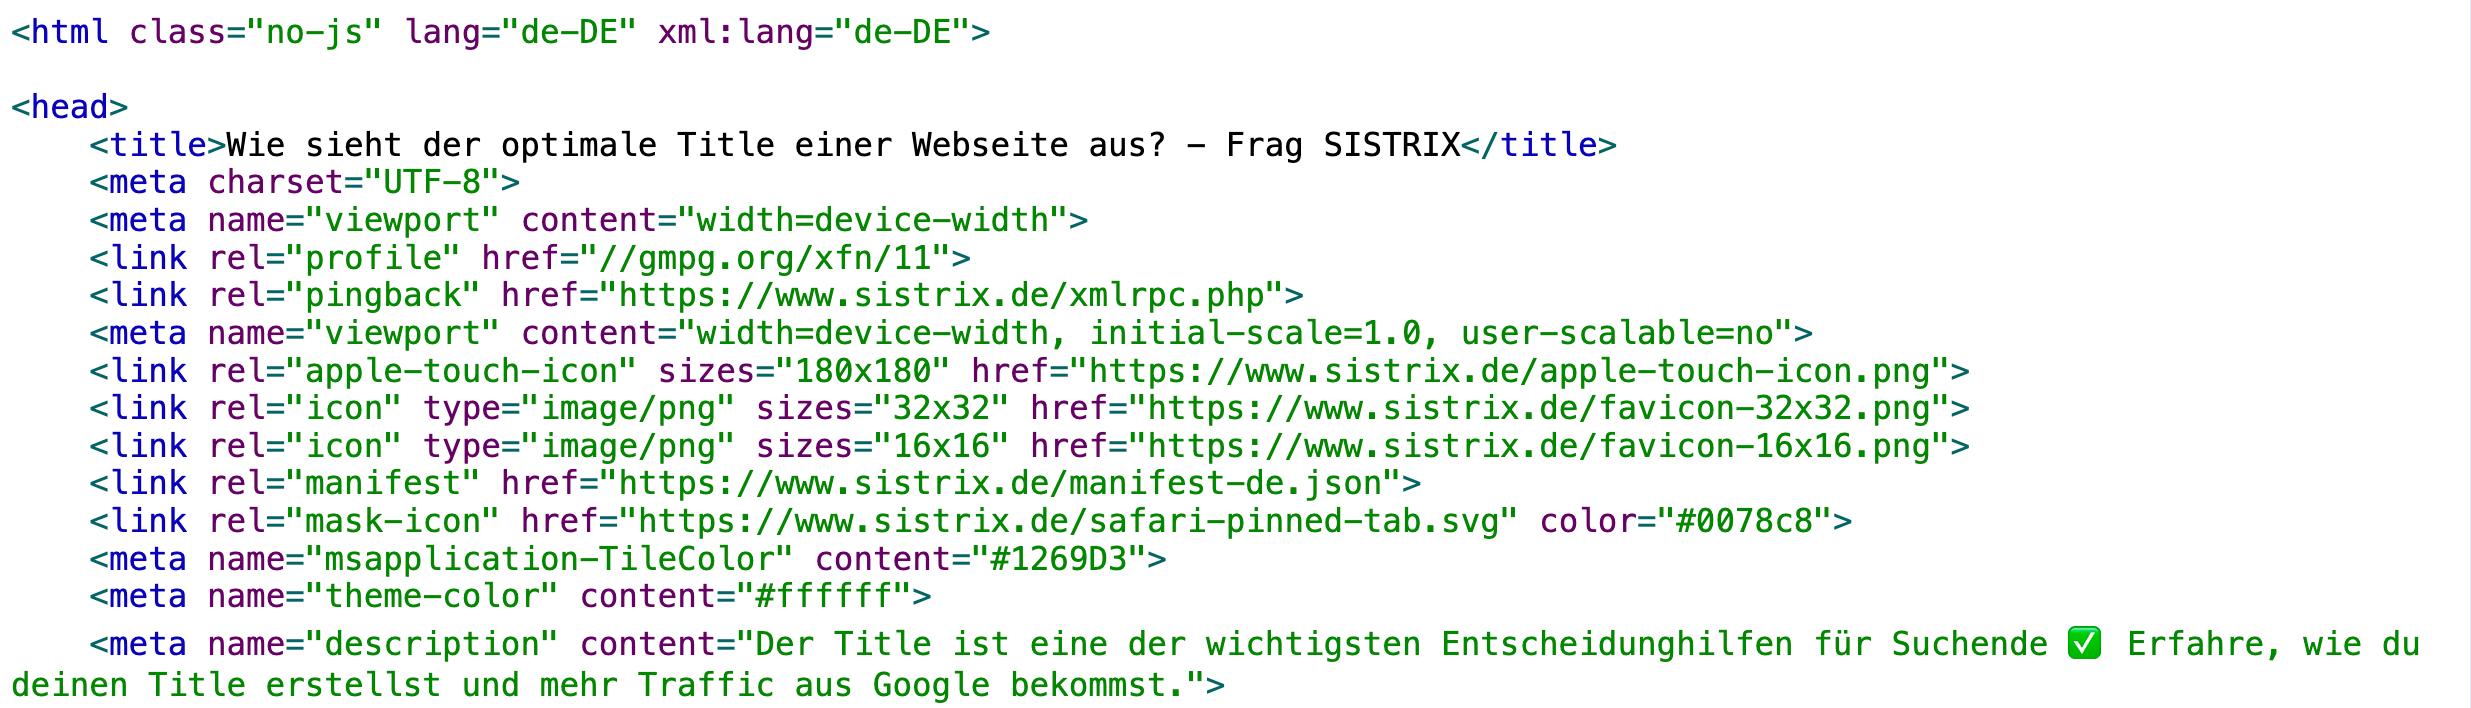 """Quelltext-Ausschnitt der Seite """"Wie sieht der optimale Title einer Webseite aus?"""""""